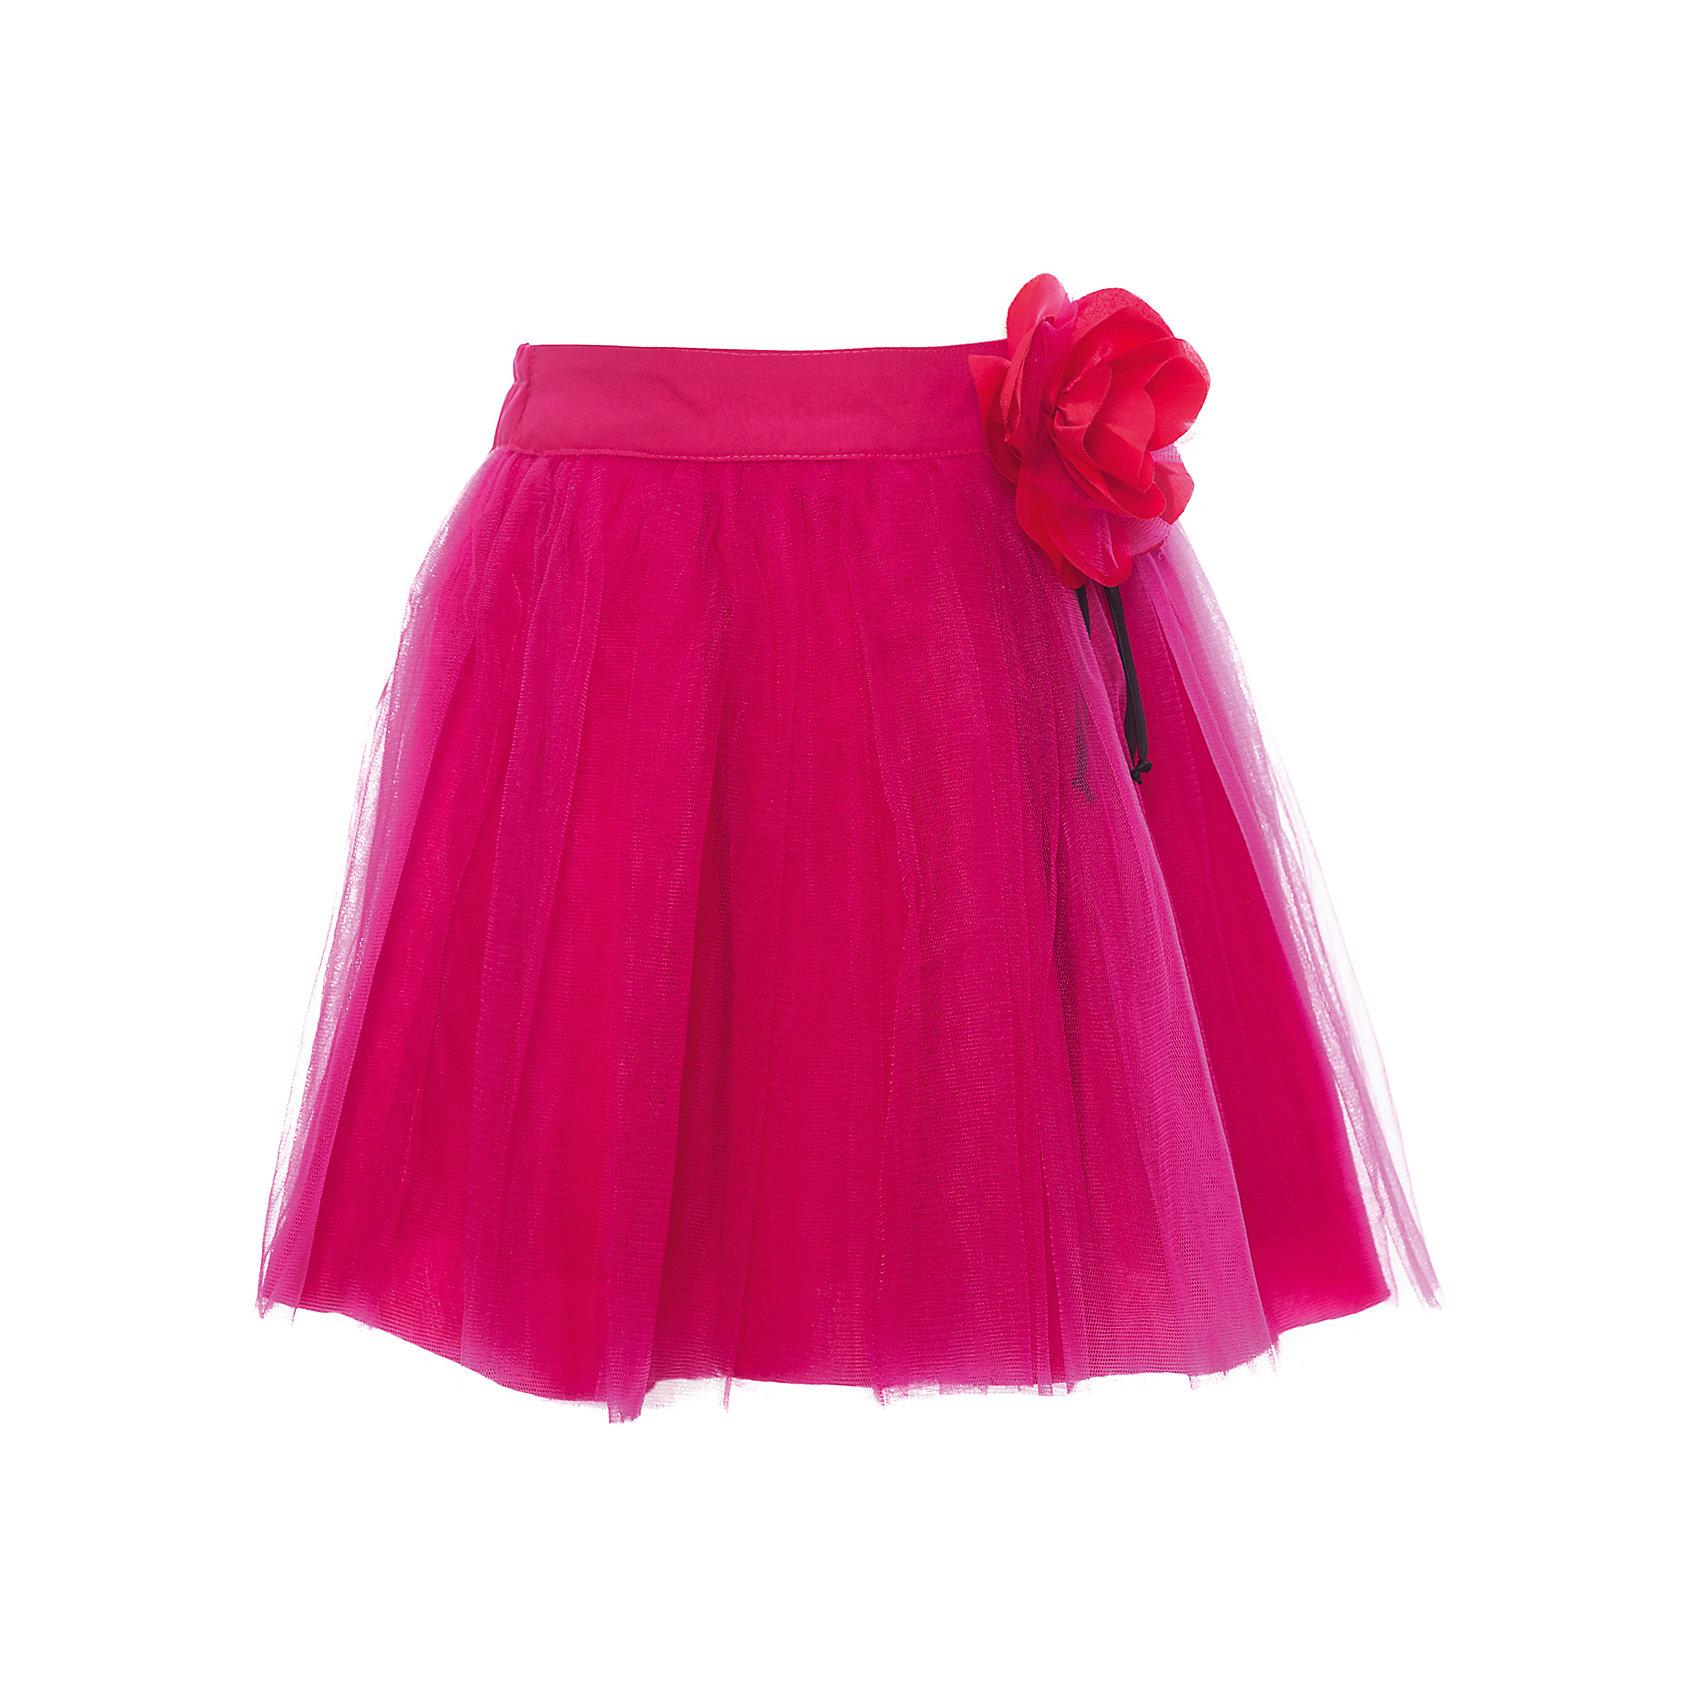 Юбка для девочки WojcikЮбки<br>Характеристики товара:<br><br>• цвет: розовый<br>• состав ткани: полиэстер<br>• пояс: резинка<br>• сезон: лето<br>• страна бренда: Польша<br>• страна изготовитель: Польша<br><br>Данная модель одежды для лета сделана из натурального материала, есть подкладка. Розовая юбка для девочки Wojcik - удобная и модная летняя одежда. <br><br>Эта пышная юбка для девочки Войчик отличается модным кроем, пышным силуэтом. Польская одежда для детей от бренда Войчик - это качественные и стильные вещи.<br><br>Юбку для девочки Wojcik (Войчик) можно купить в нашем интернет-магазине.<br><br>Ширина мм: 207<br>Глубина мм: 10<br>Высота мм: 189<br>Вес г: 183<br>Цвет: розовый<br>Возраст от месяцев: 132<br>Возраст до месяцев: 144<br>Пол: Женский<br>Возраст: Детский<br>Размер: 152,158,134,140,146<br>SKU: 5589698